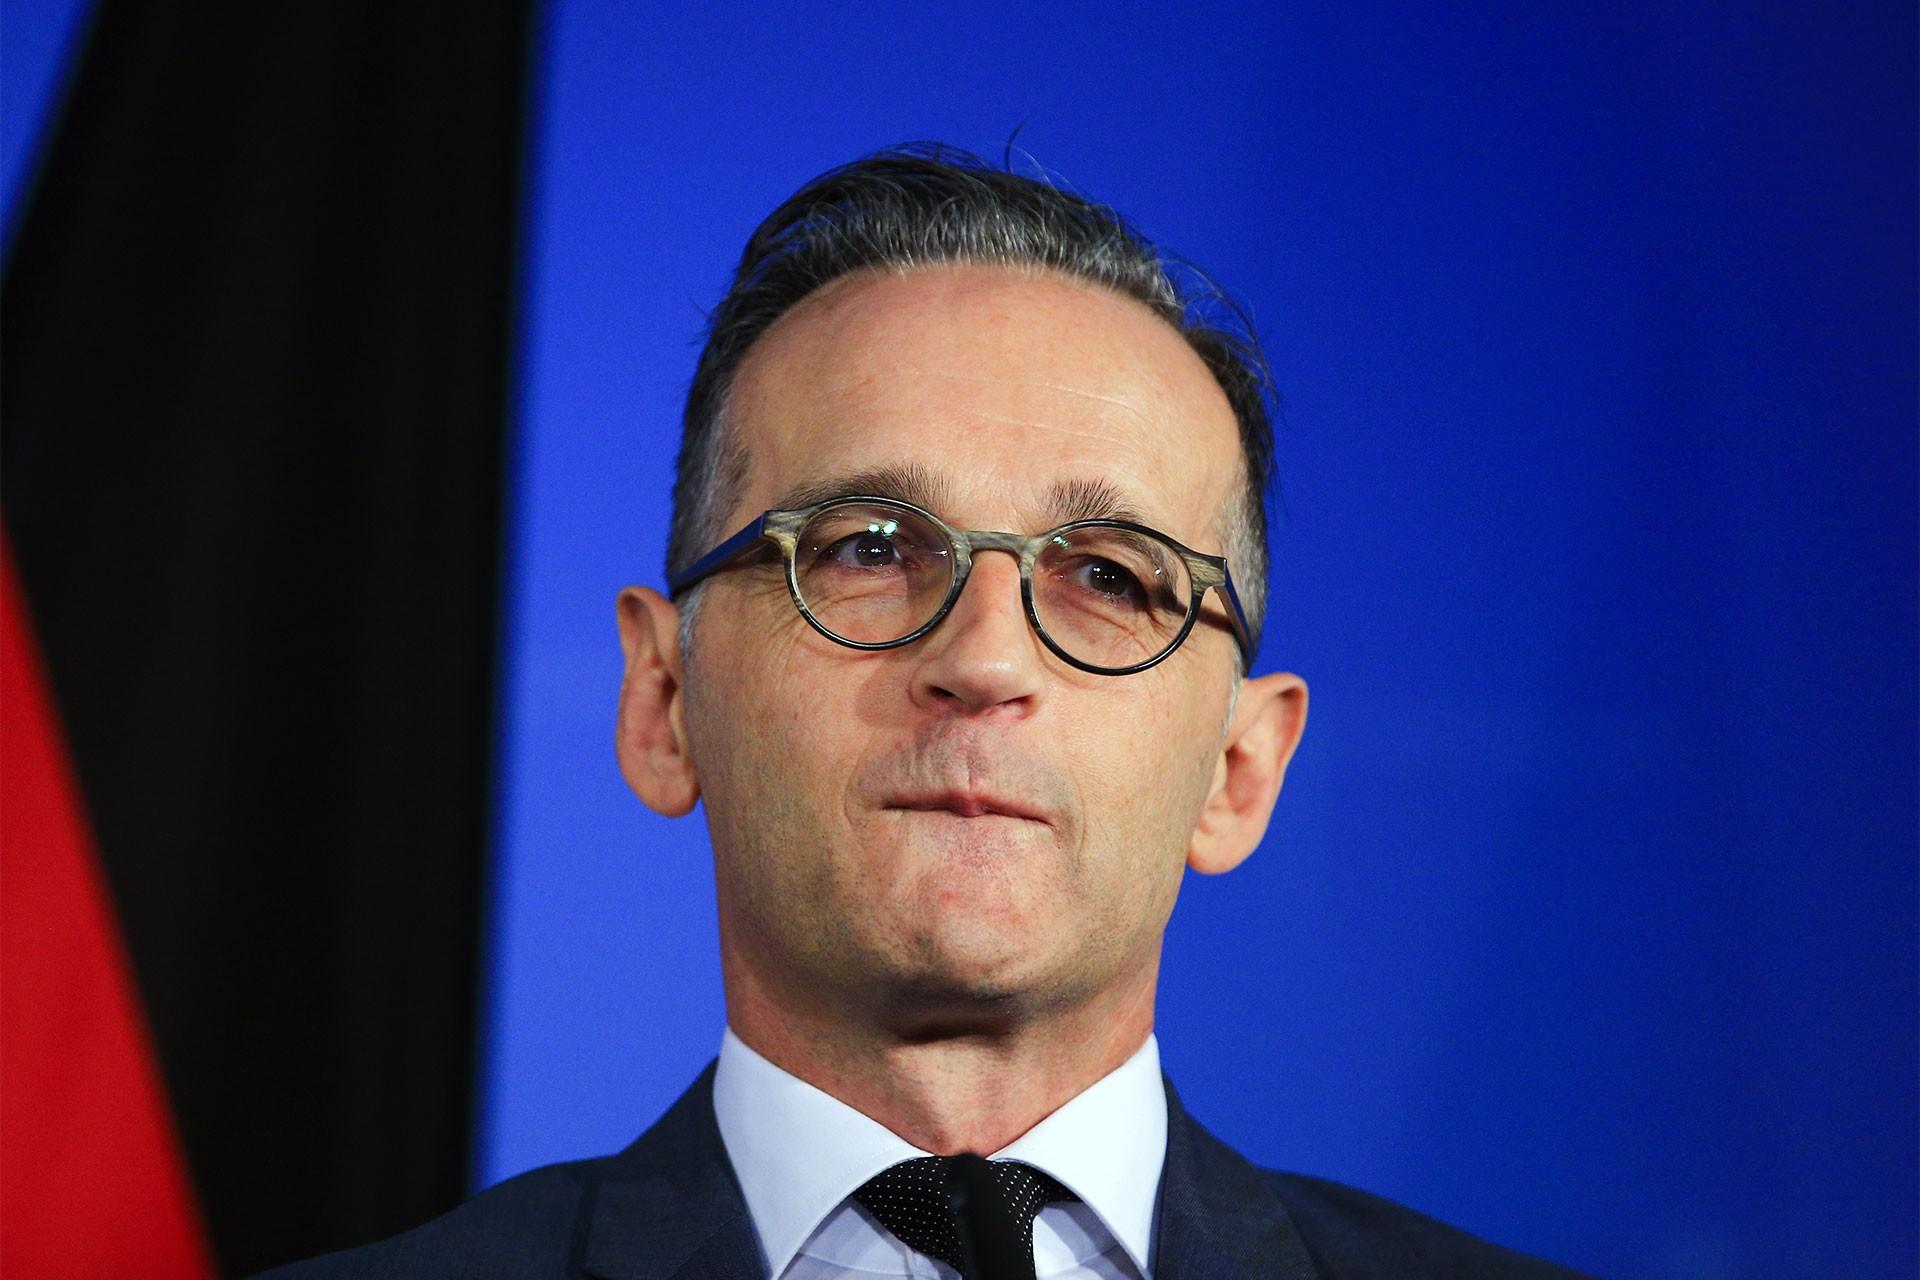 Almanya Dışişleri Bakanı Maas: Türkiye'nin operasyonu uluslararası hukuka aykırı